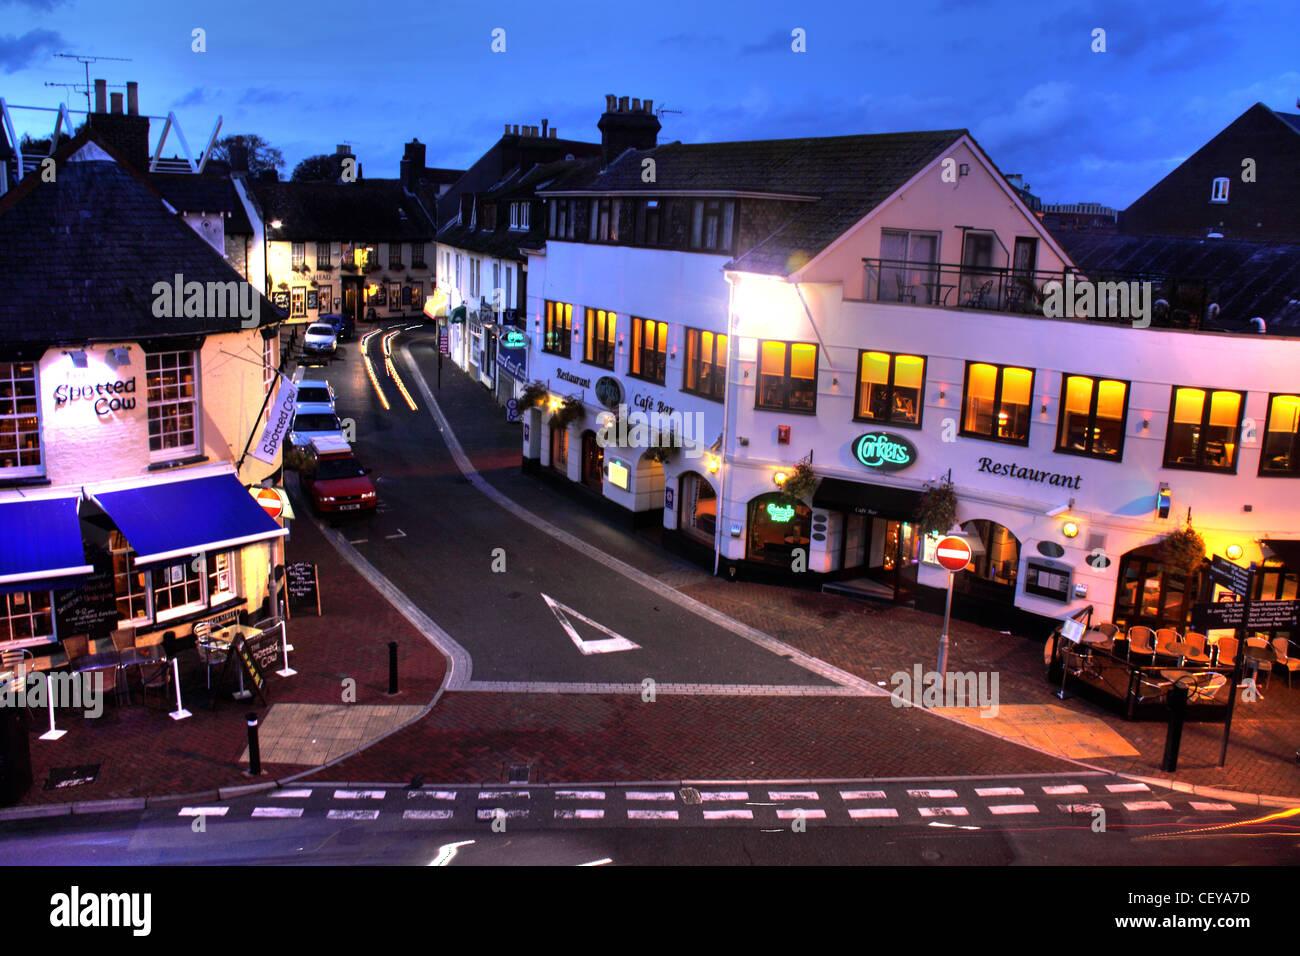 Laden Sie dieses Alamy Stockfoto Poole Quay, Dorset in der Abenddämmerung, Poole, Dorset BH15 1AB zeigen Corkers Bar und High Street - CEYA7D